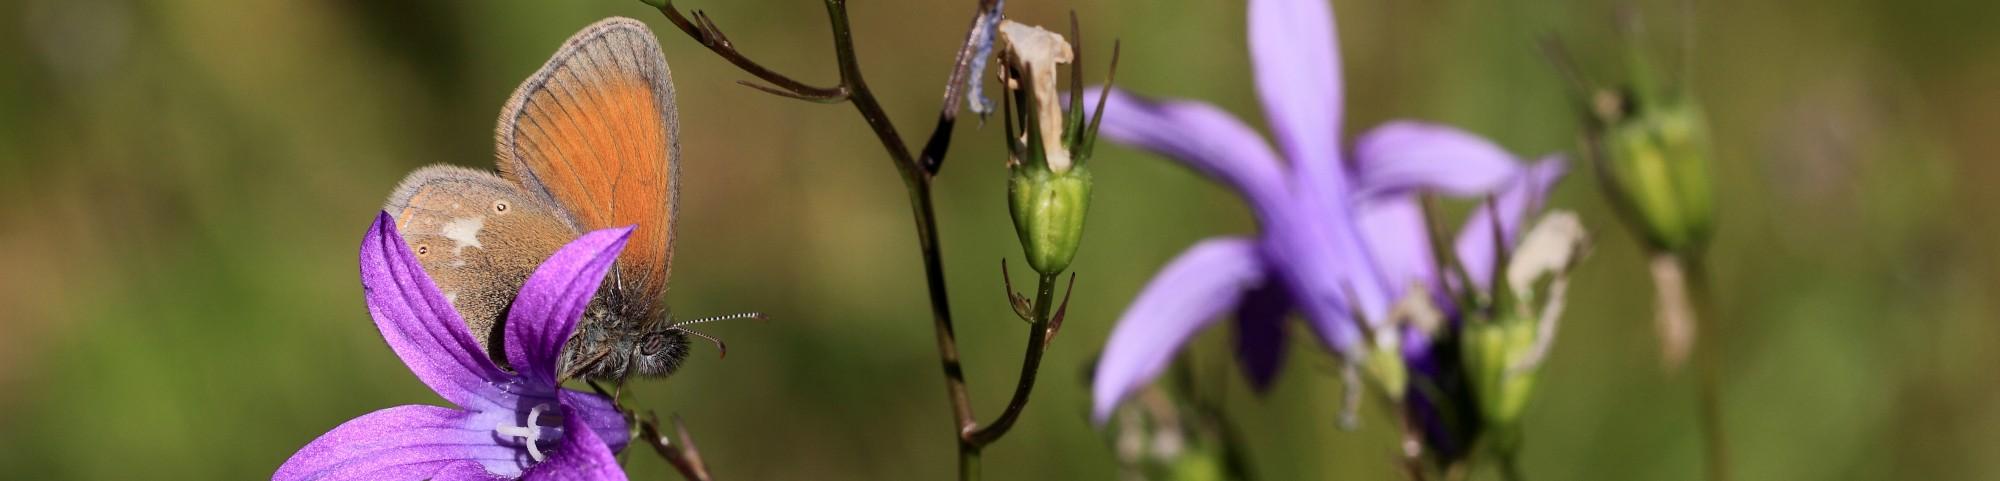 KajsNatur – Sommerfugle, Butterflies